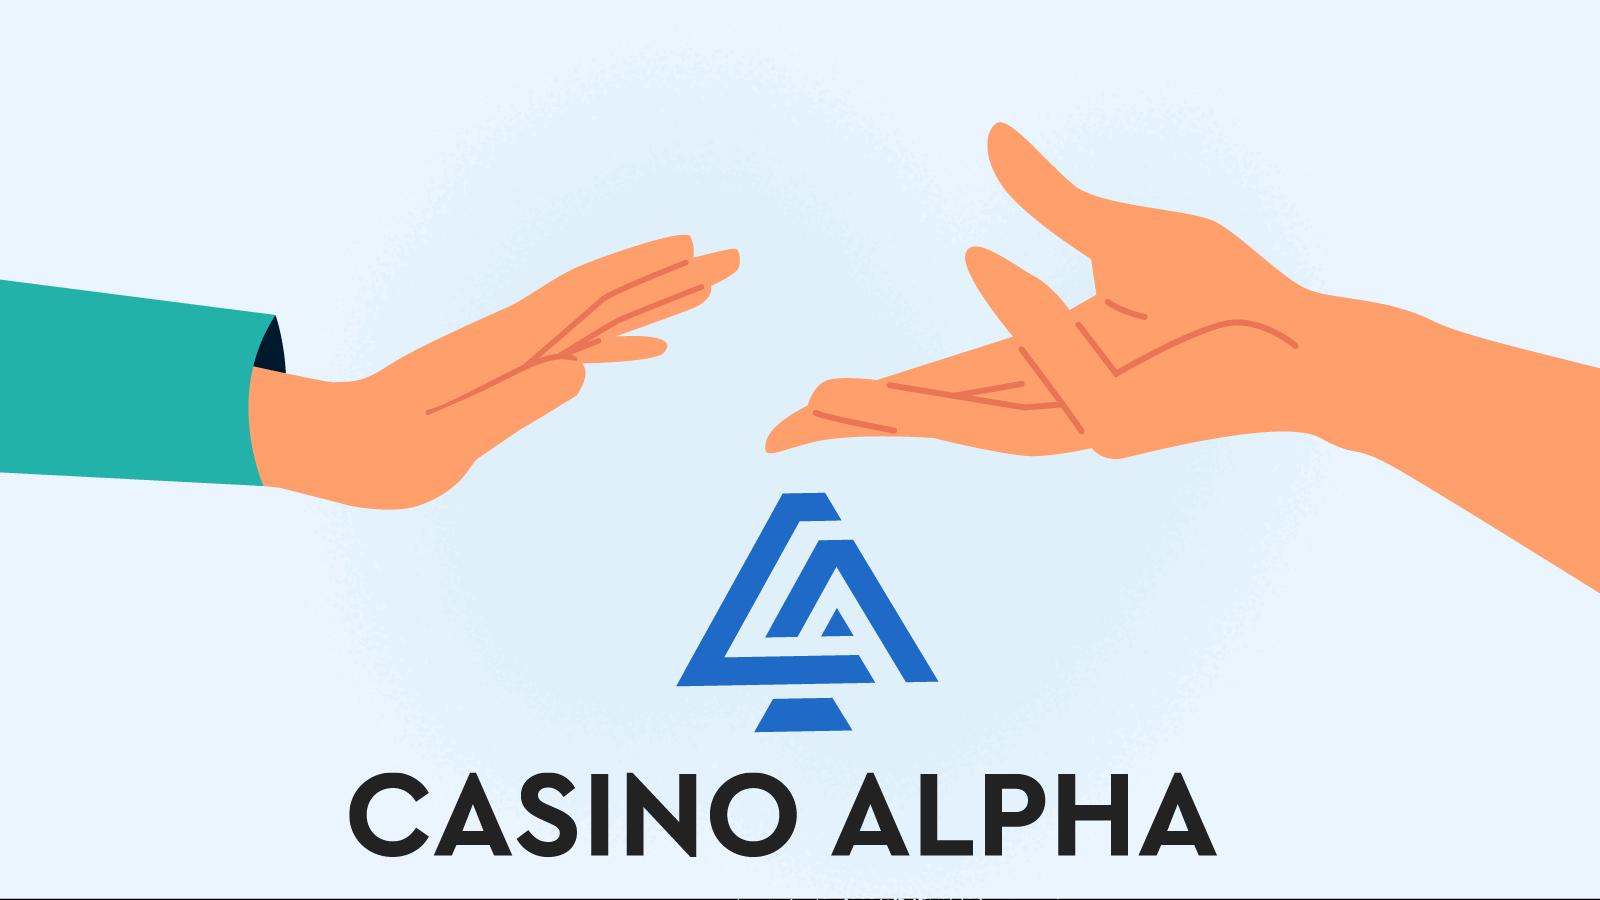 CasinoAlpha is here to help